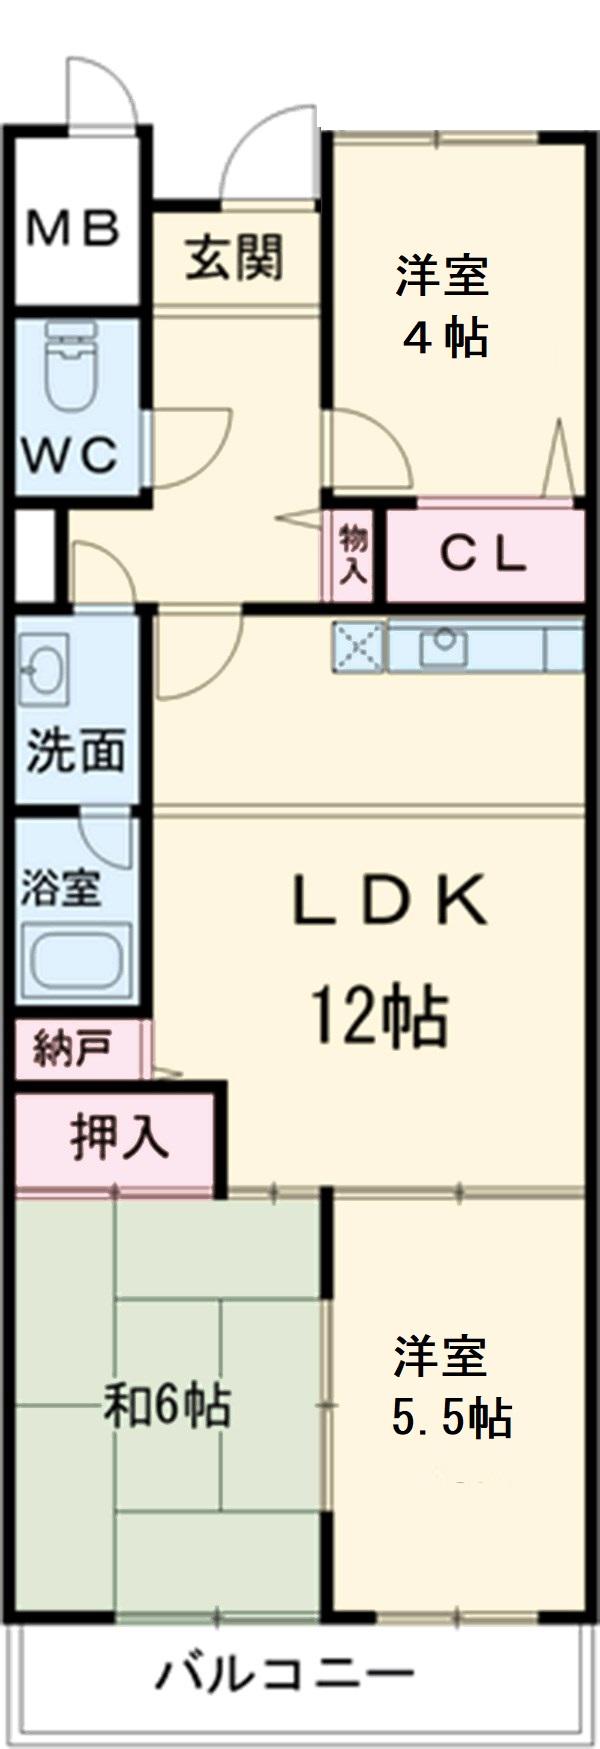 第2奥村マンション 2A号室の間取り